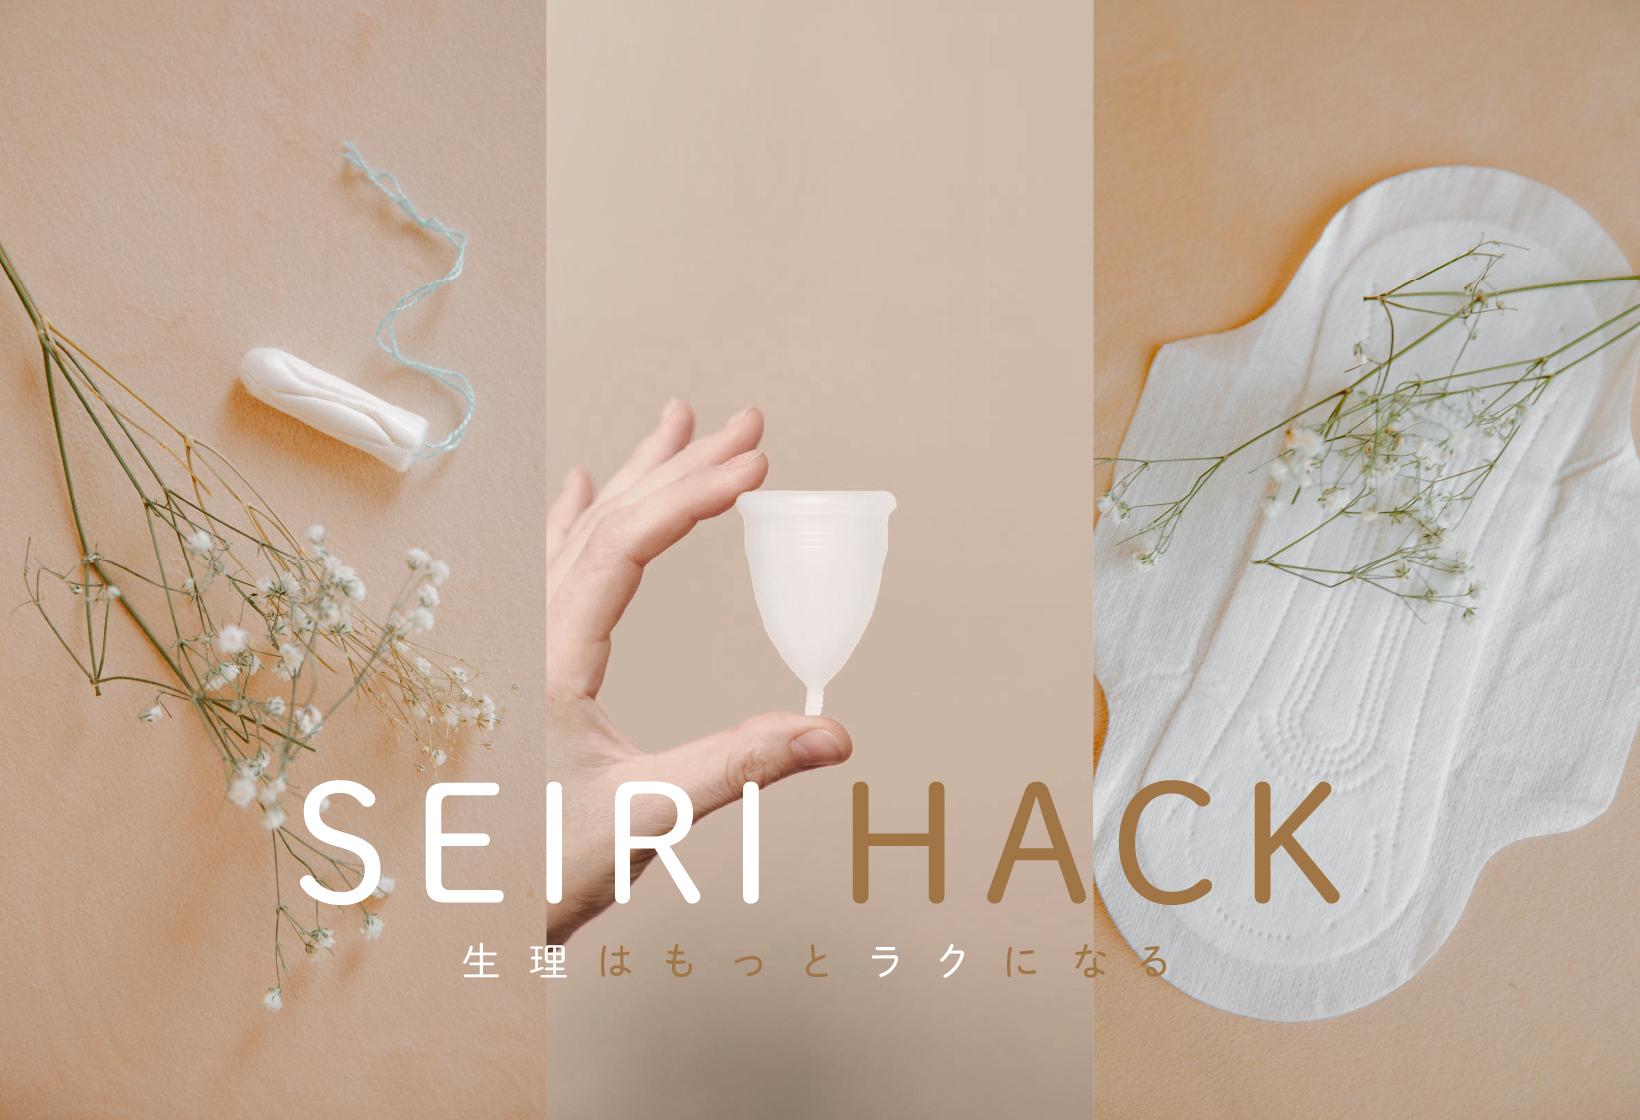 THE SEIRI HACK 〜生理はもっとラクになる〜